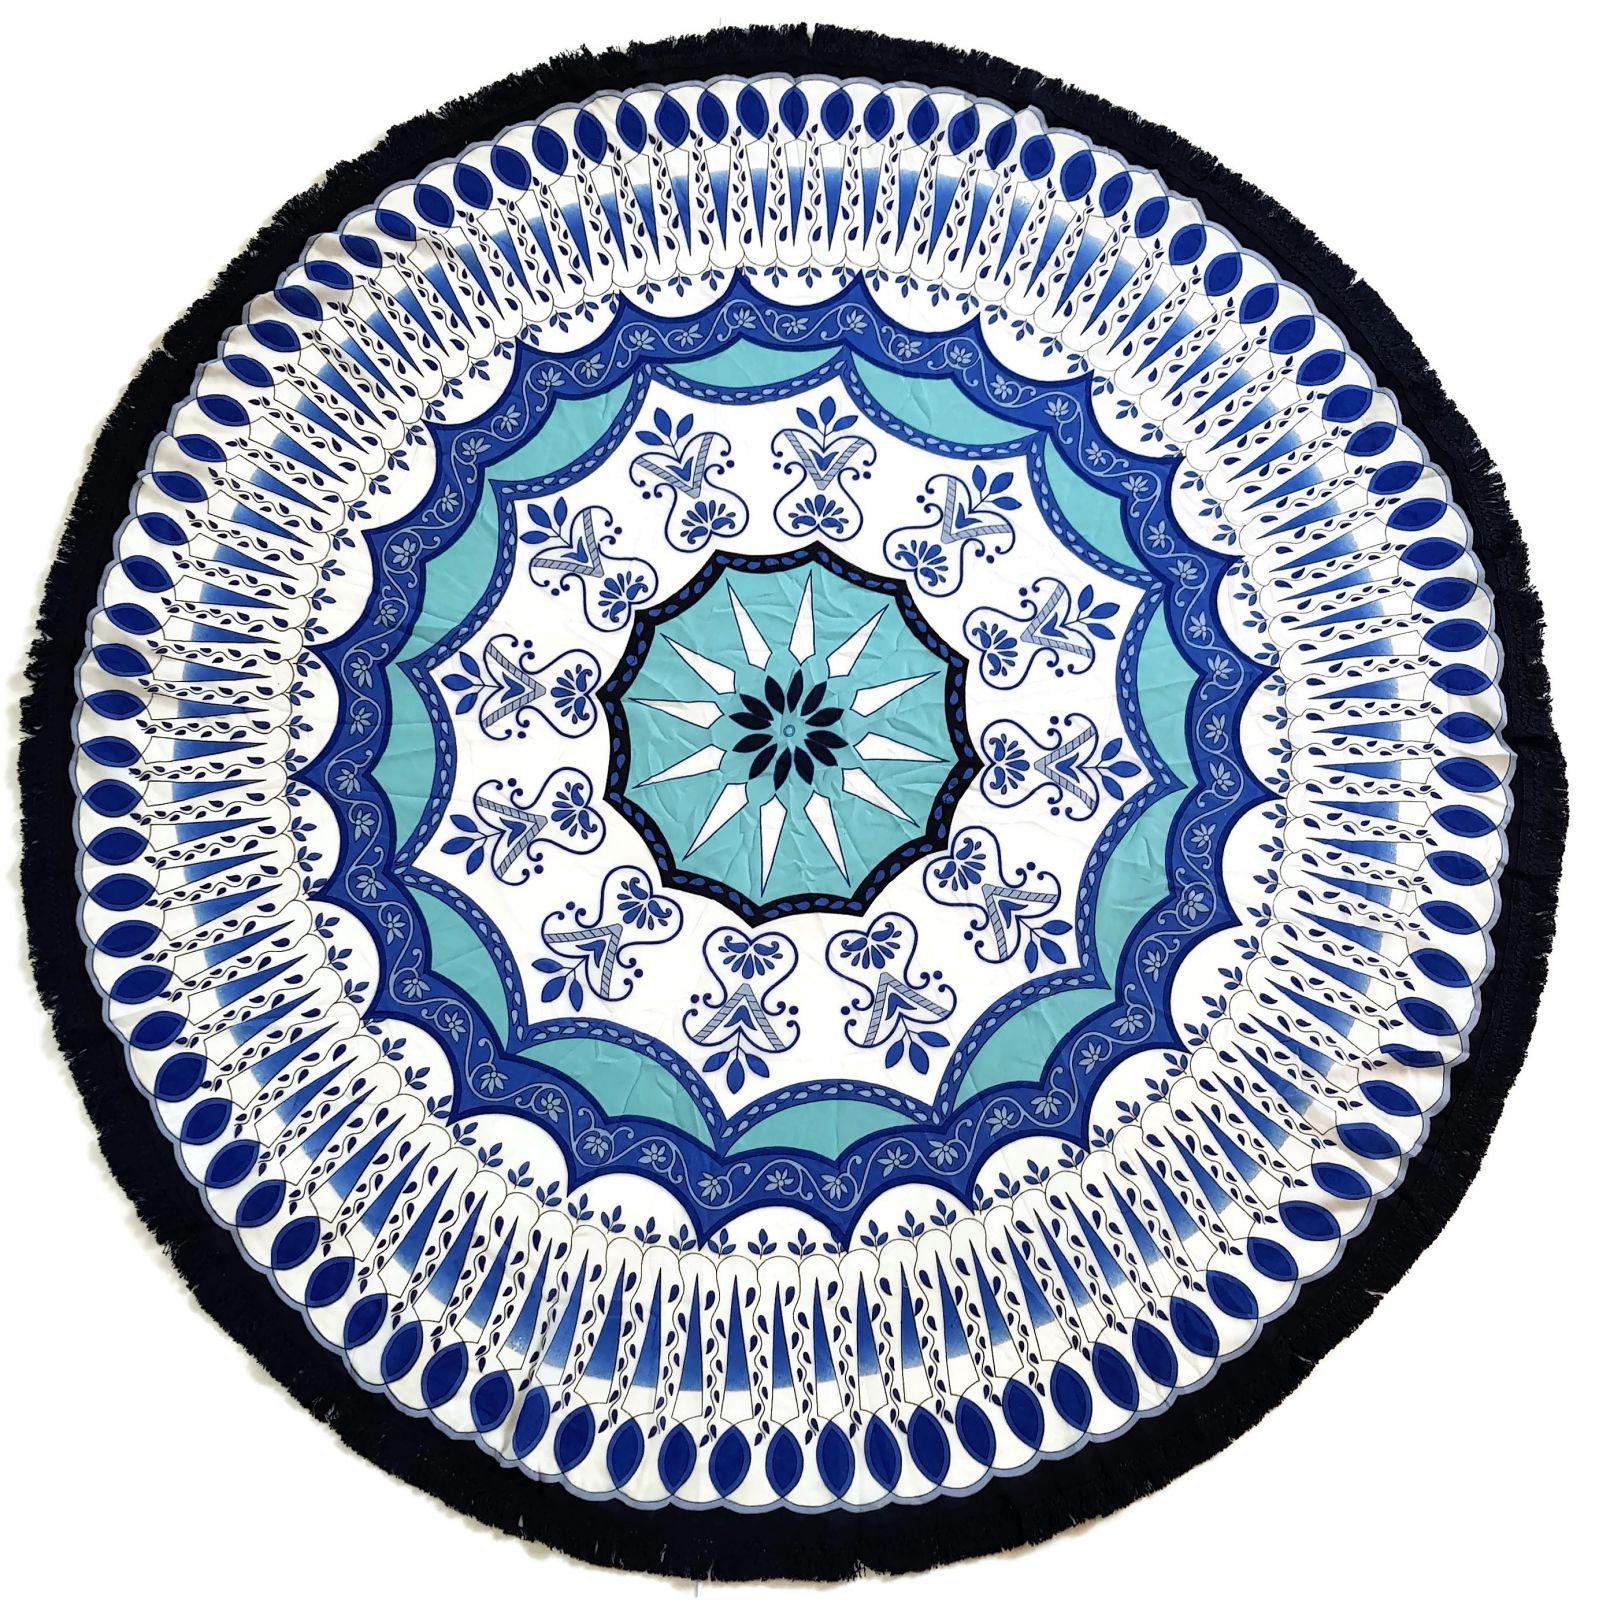 Šátek ve tvaru mandaly - zářící hvězda GIIL